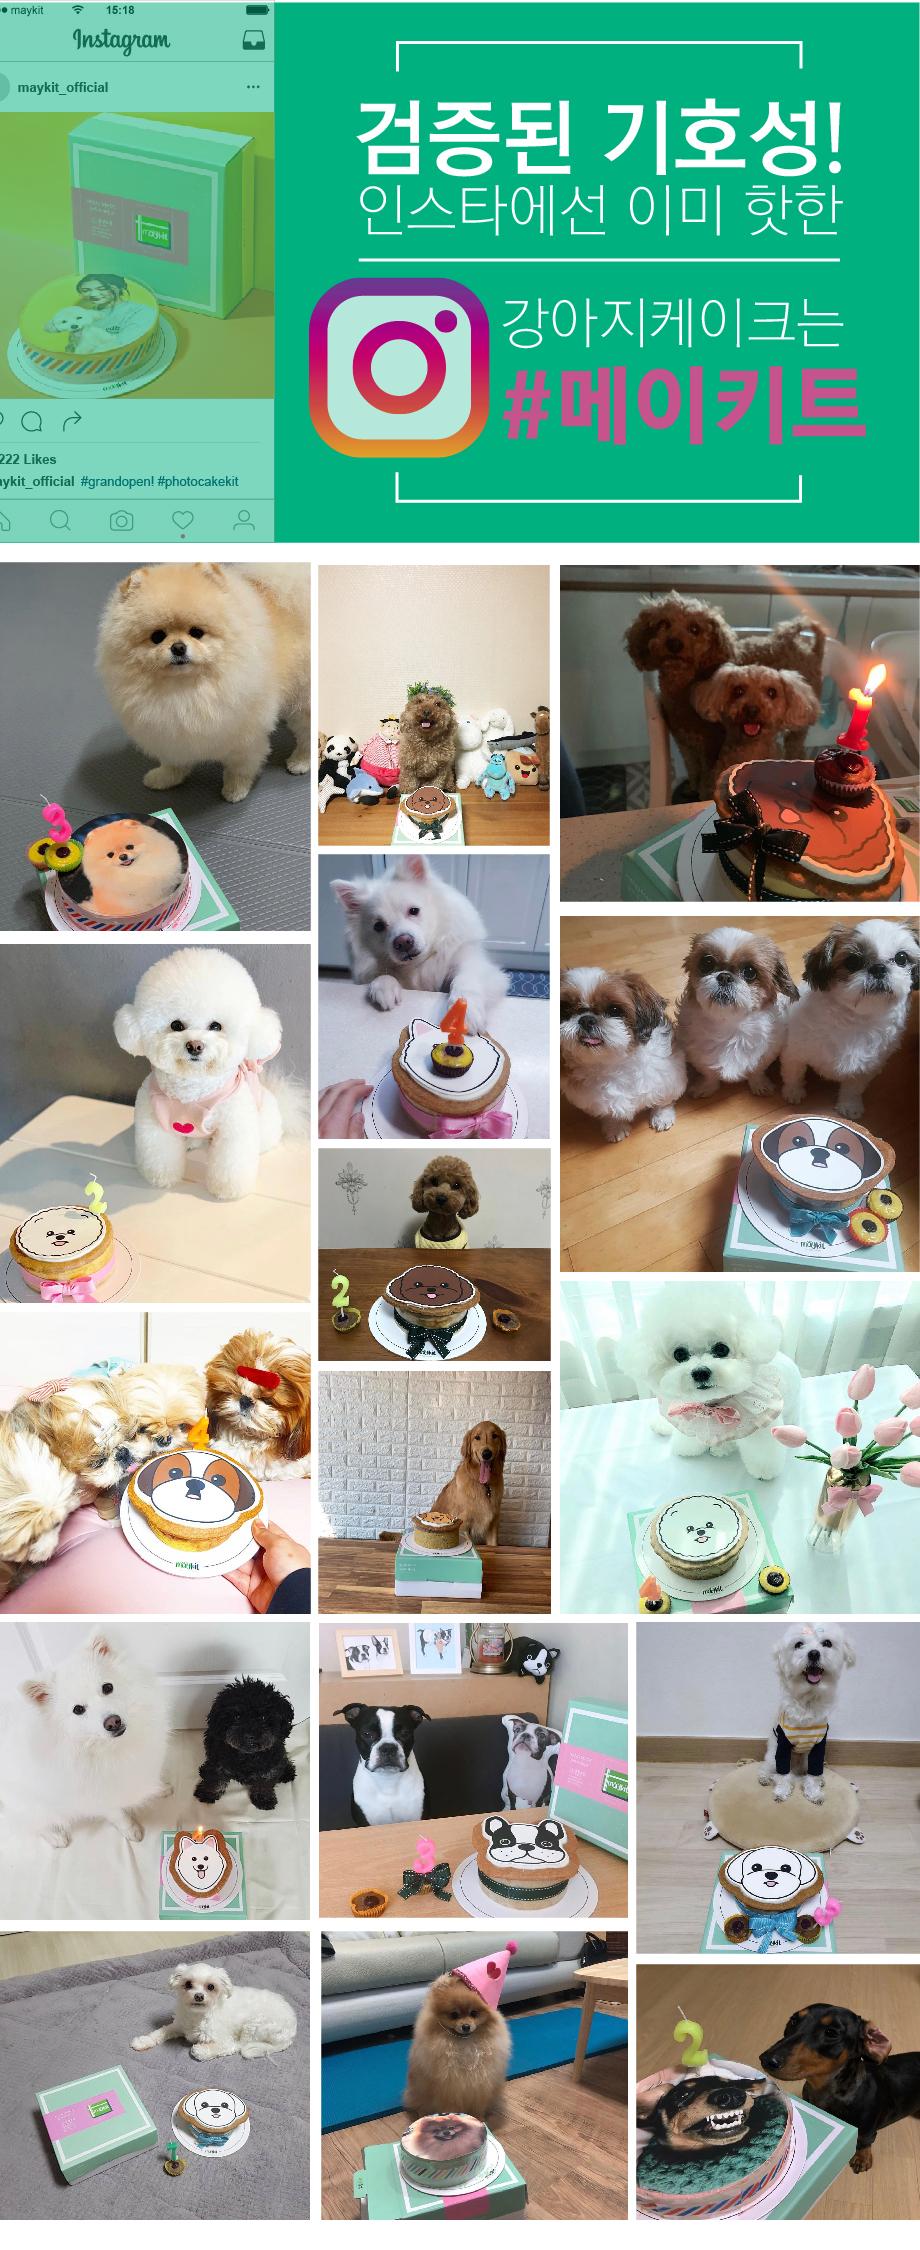 강아지 모양 케이크 말티즈 SHAPE CAKE KIT - 메이키트, 16,900원, 간식/영양제, 수제간식